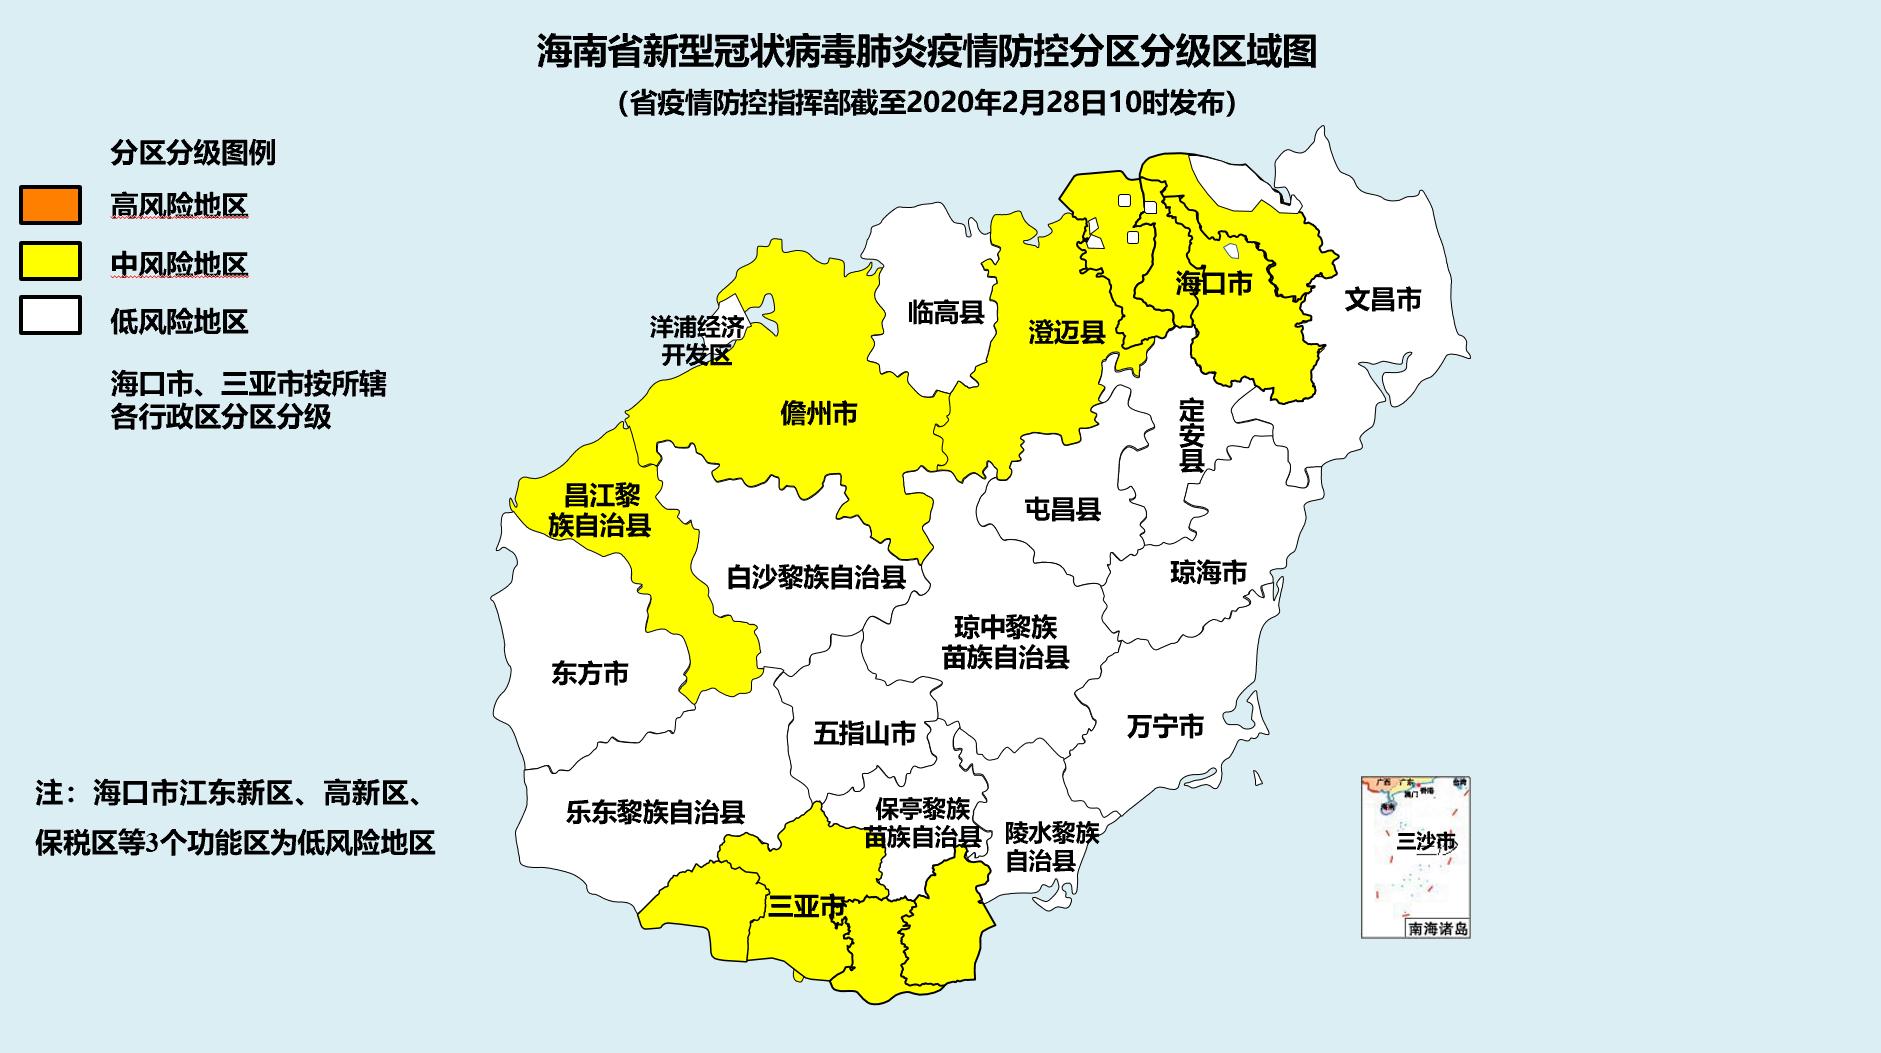 海南发布截至2月28日疫情防控区域图:新增保亭为低风险地区